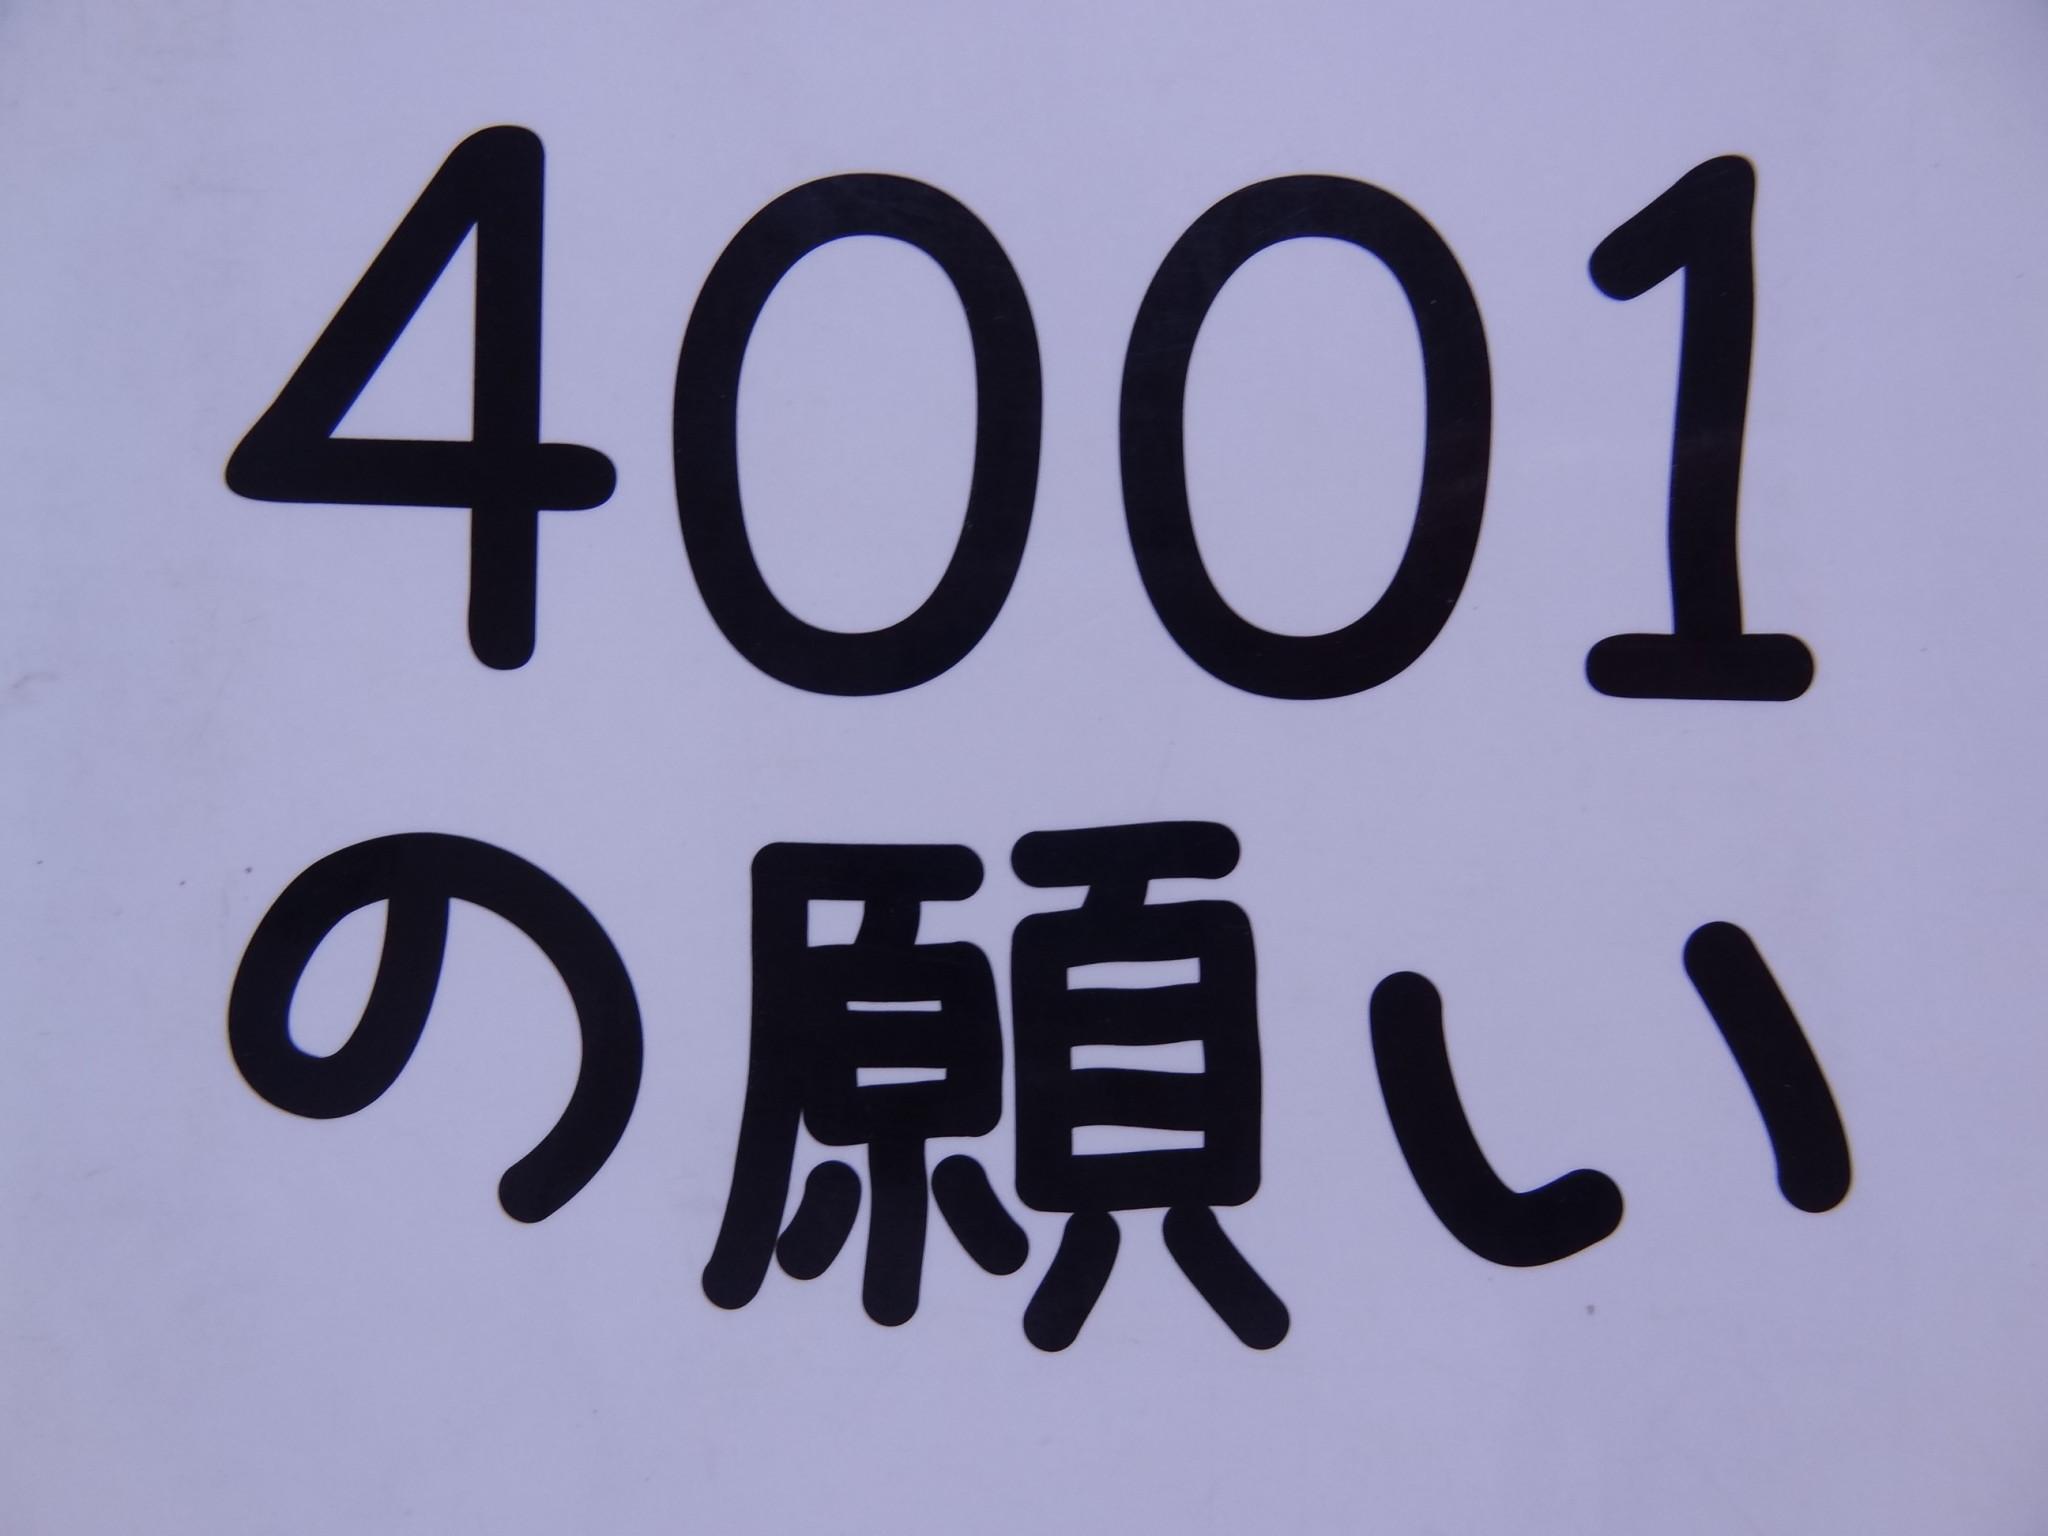 「4001の願い」を読みました。